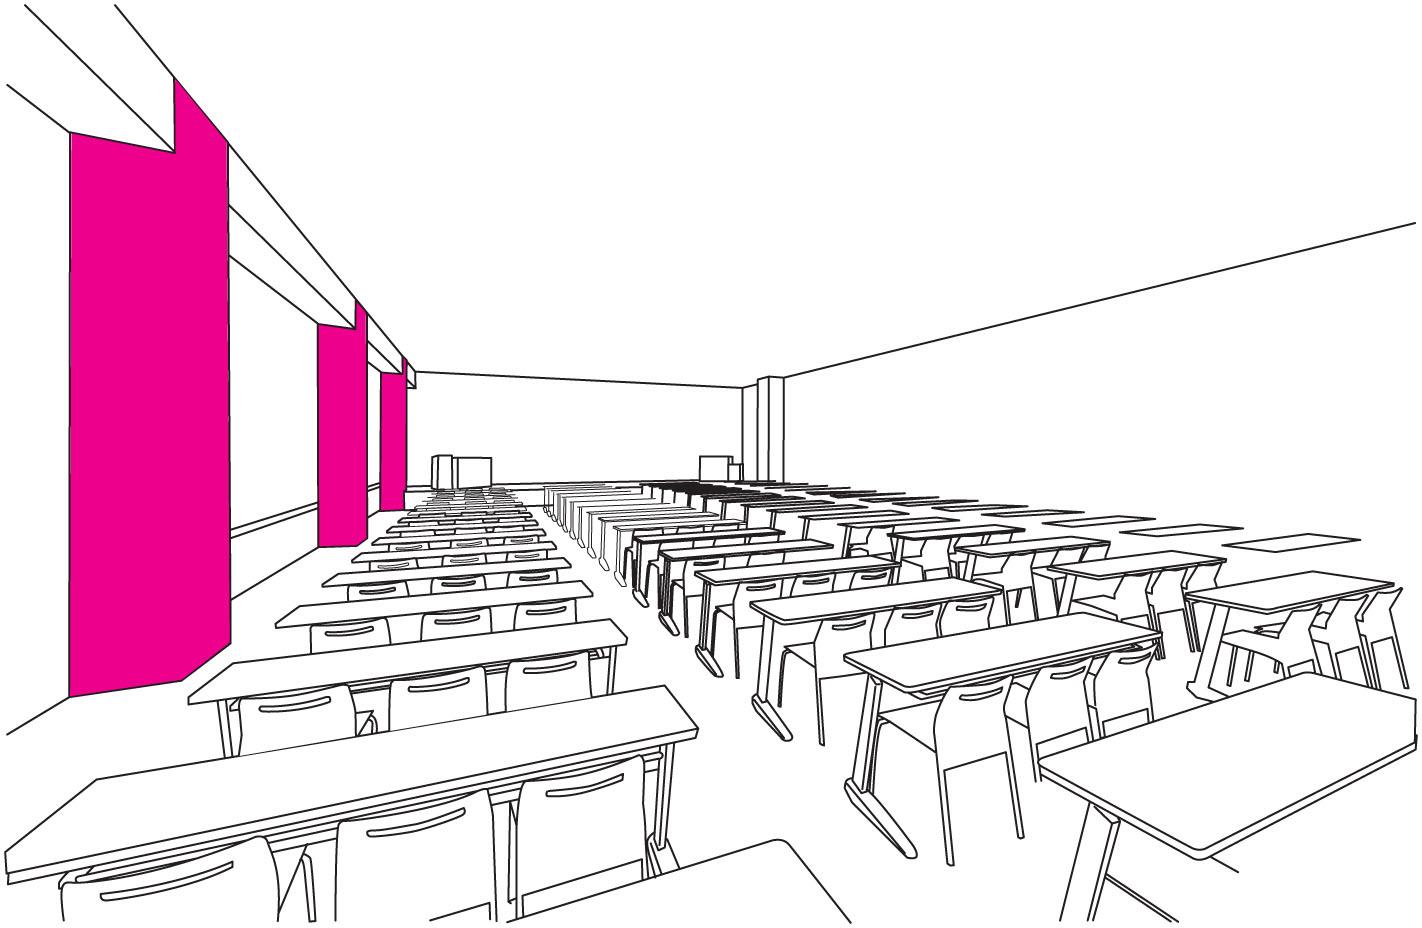 学校 - 講義室の設置場所